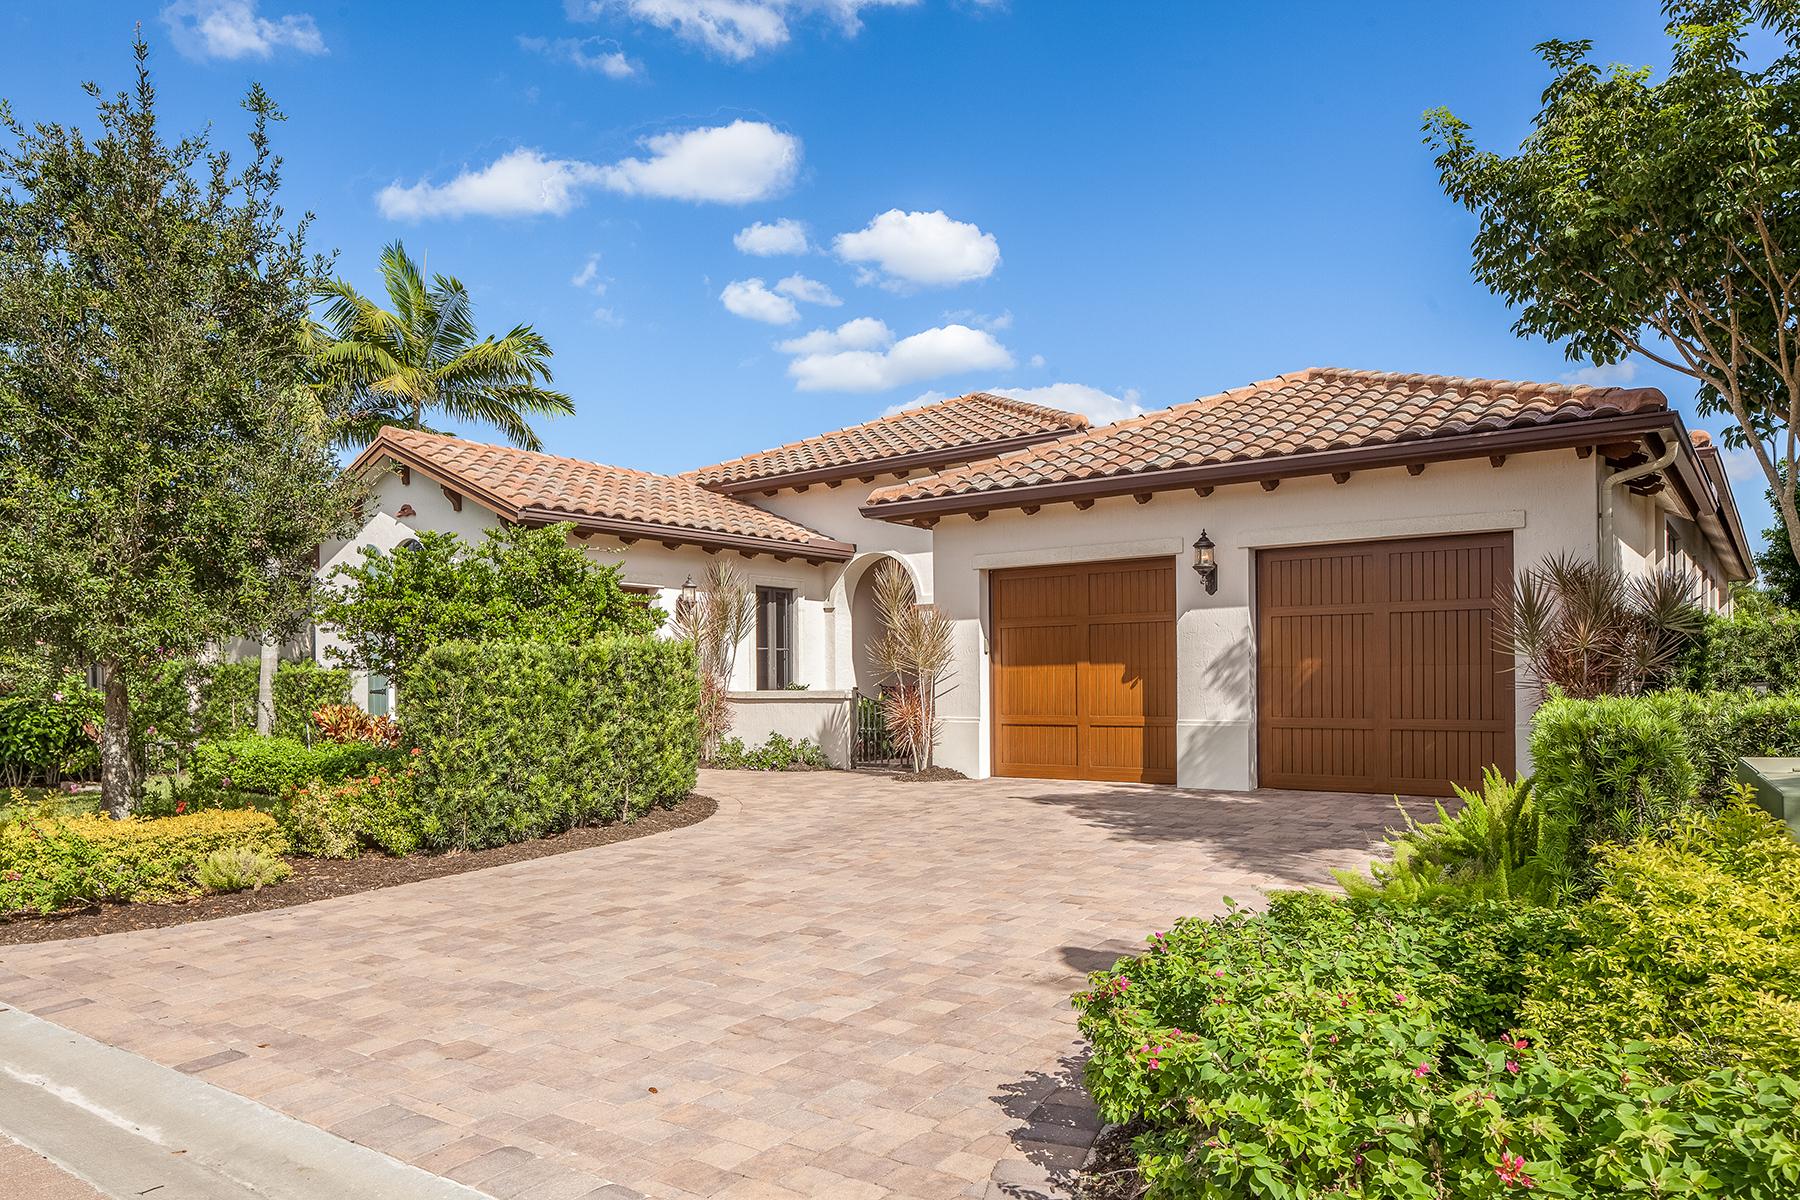 Nhà ở một gia đình vì Bán tại GREY OAKS - TRADITIONS 2224 Residence Cir Naples, Florida, 34105 Hoa Kỳ